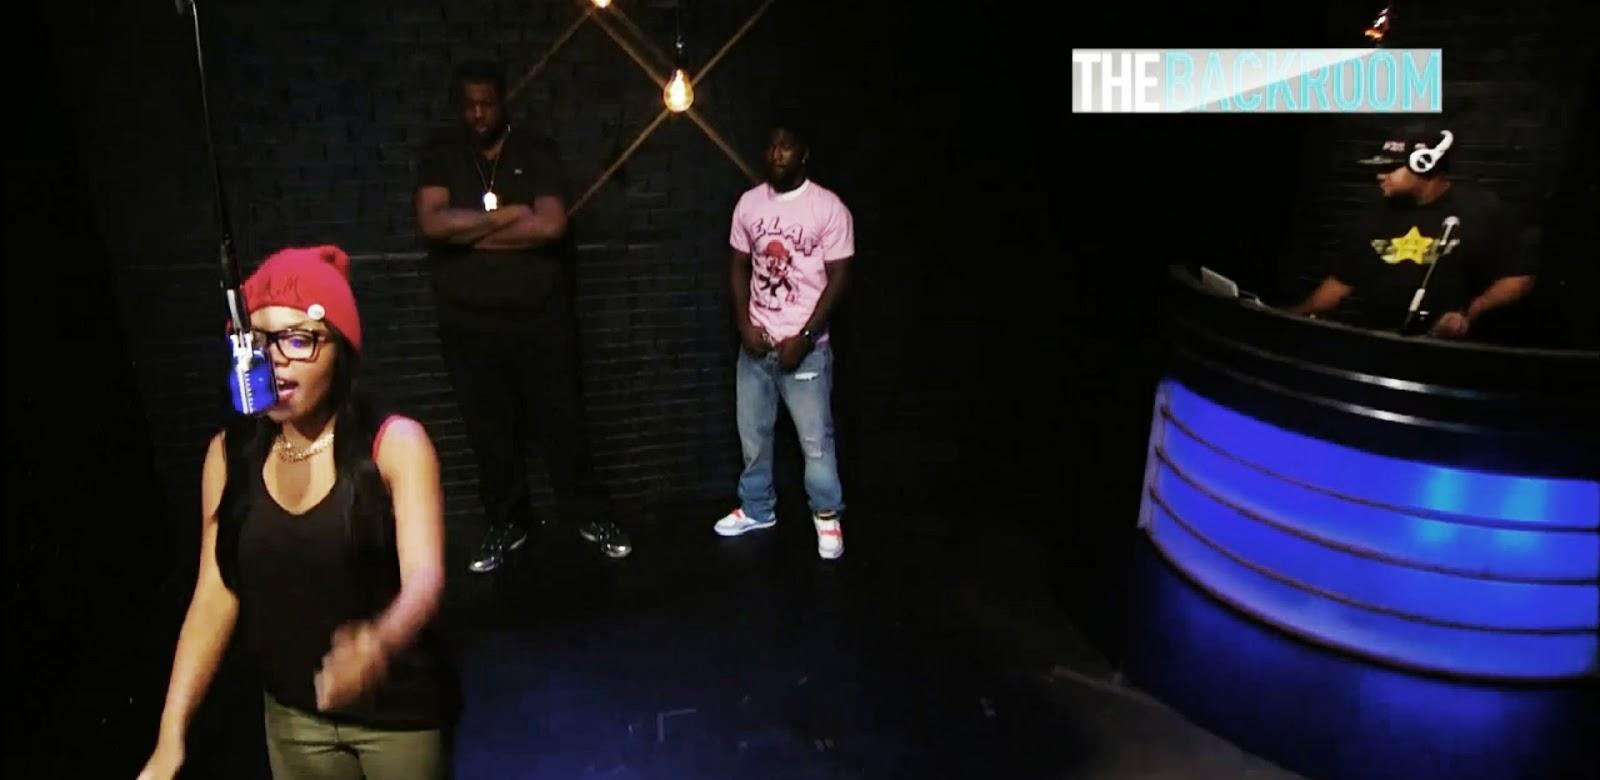 jaz n them The backroom freestyle The backroom freestyle